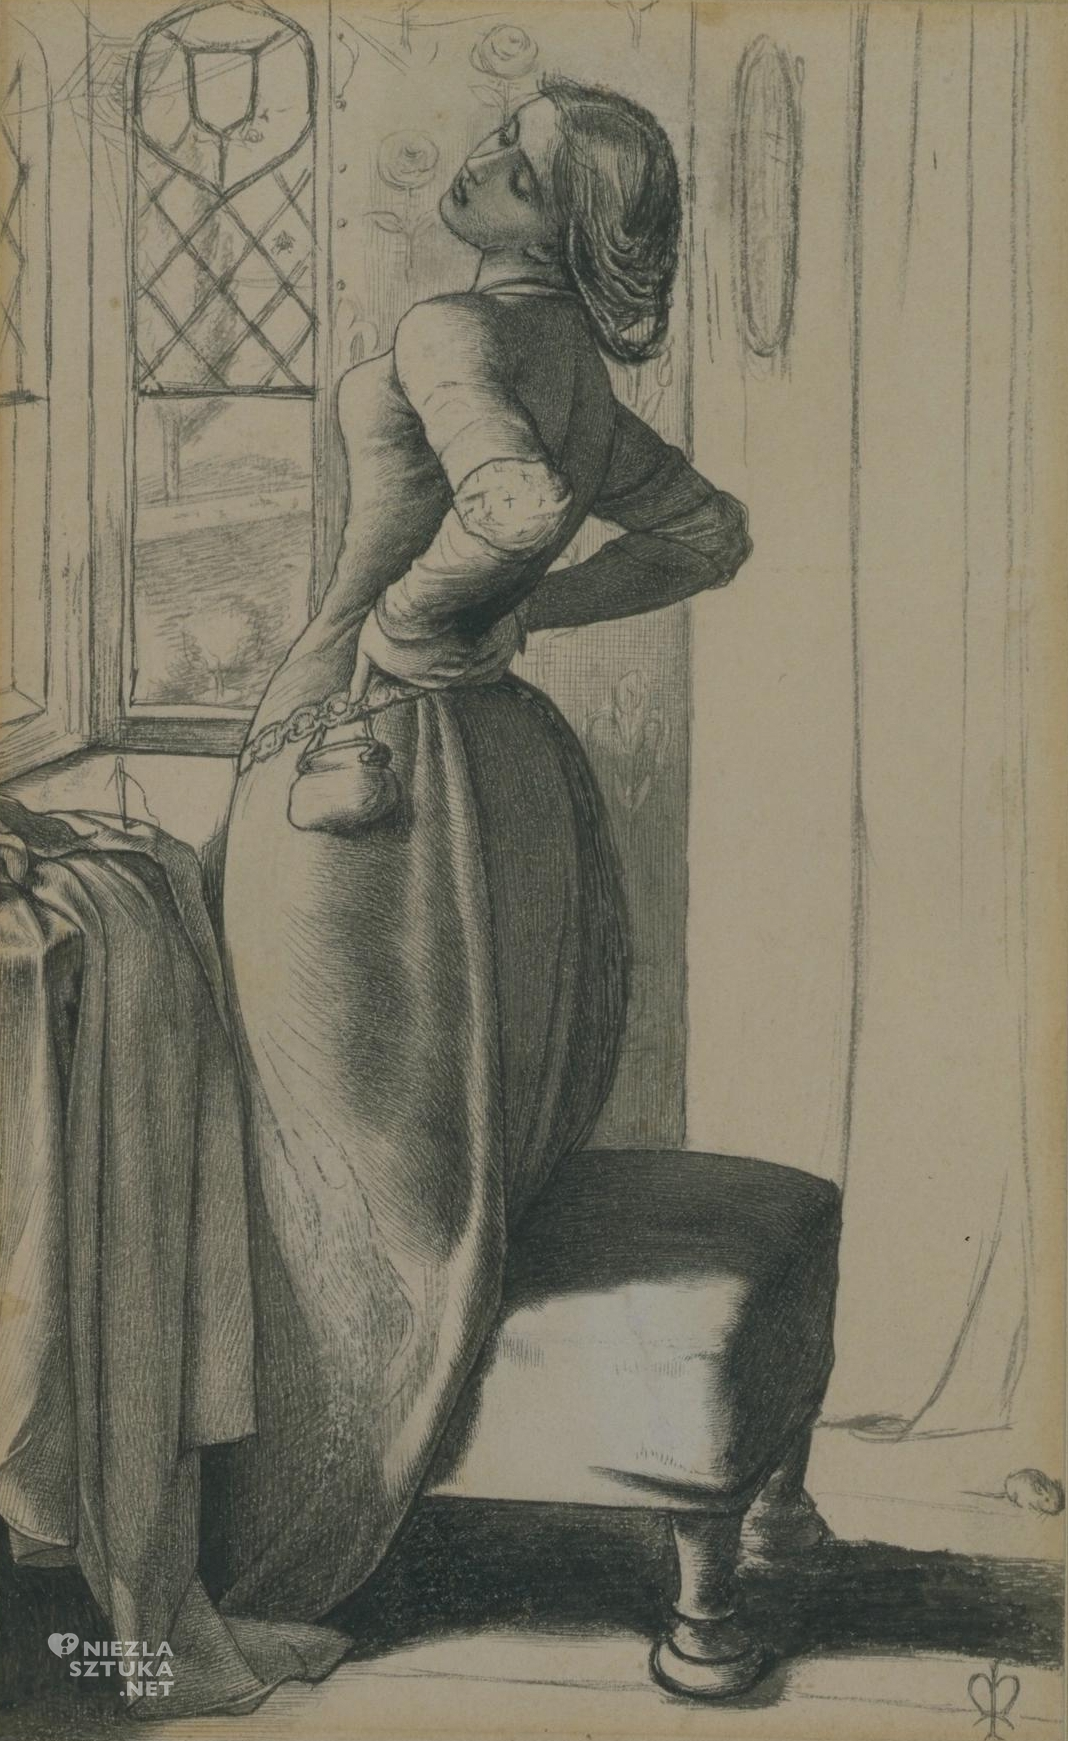 John Everett Millais, szkic, Mariana, prerafaelici, Niezła Sztuka